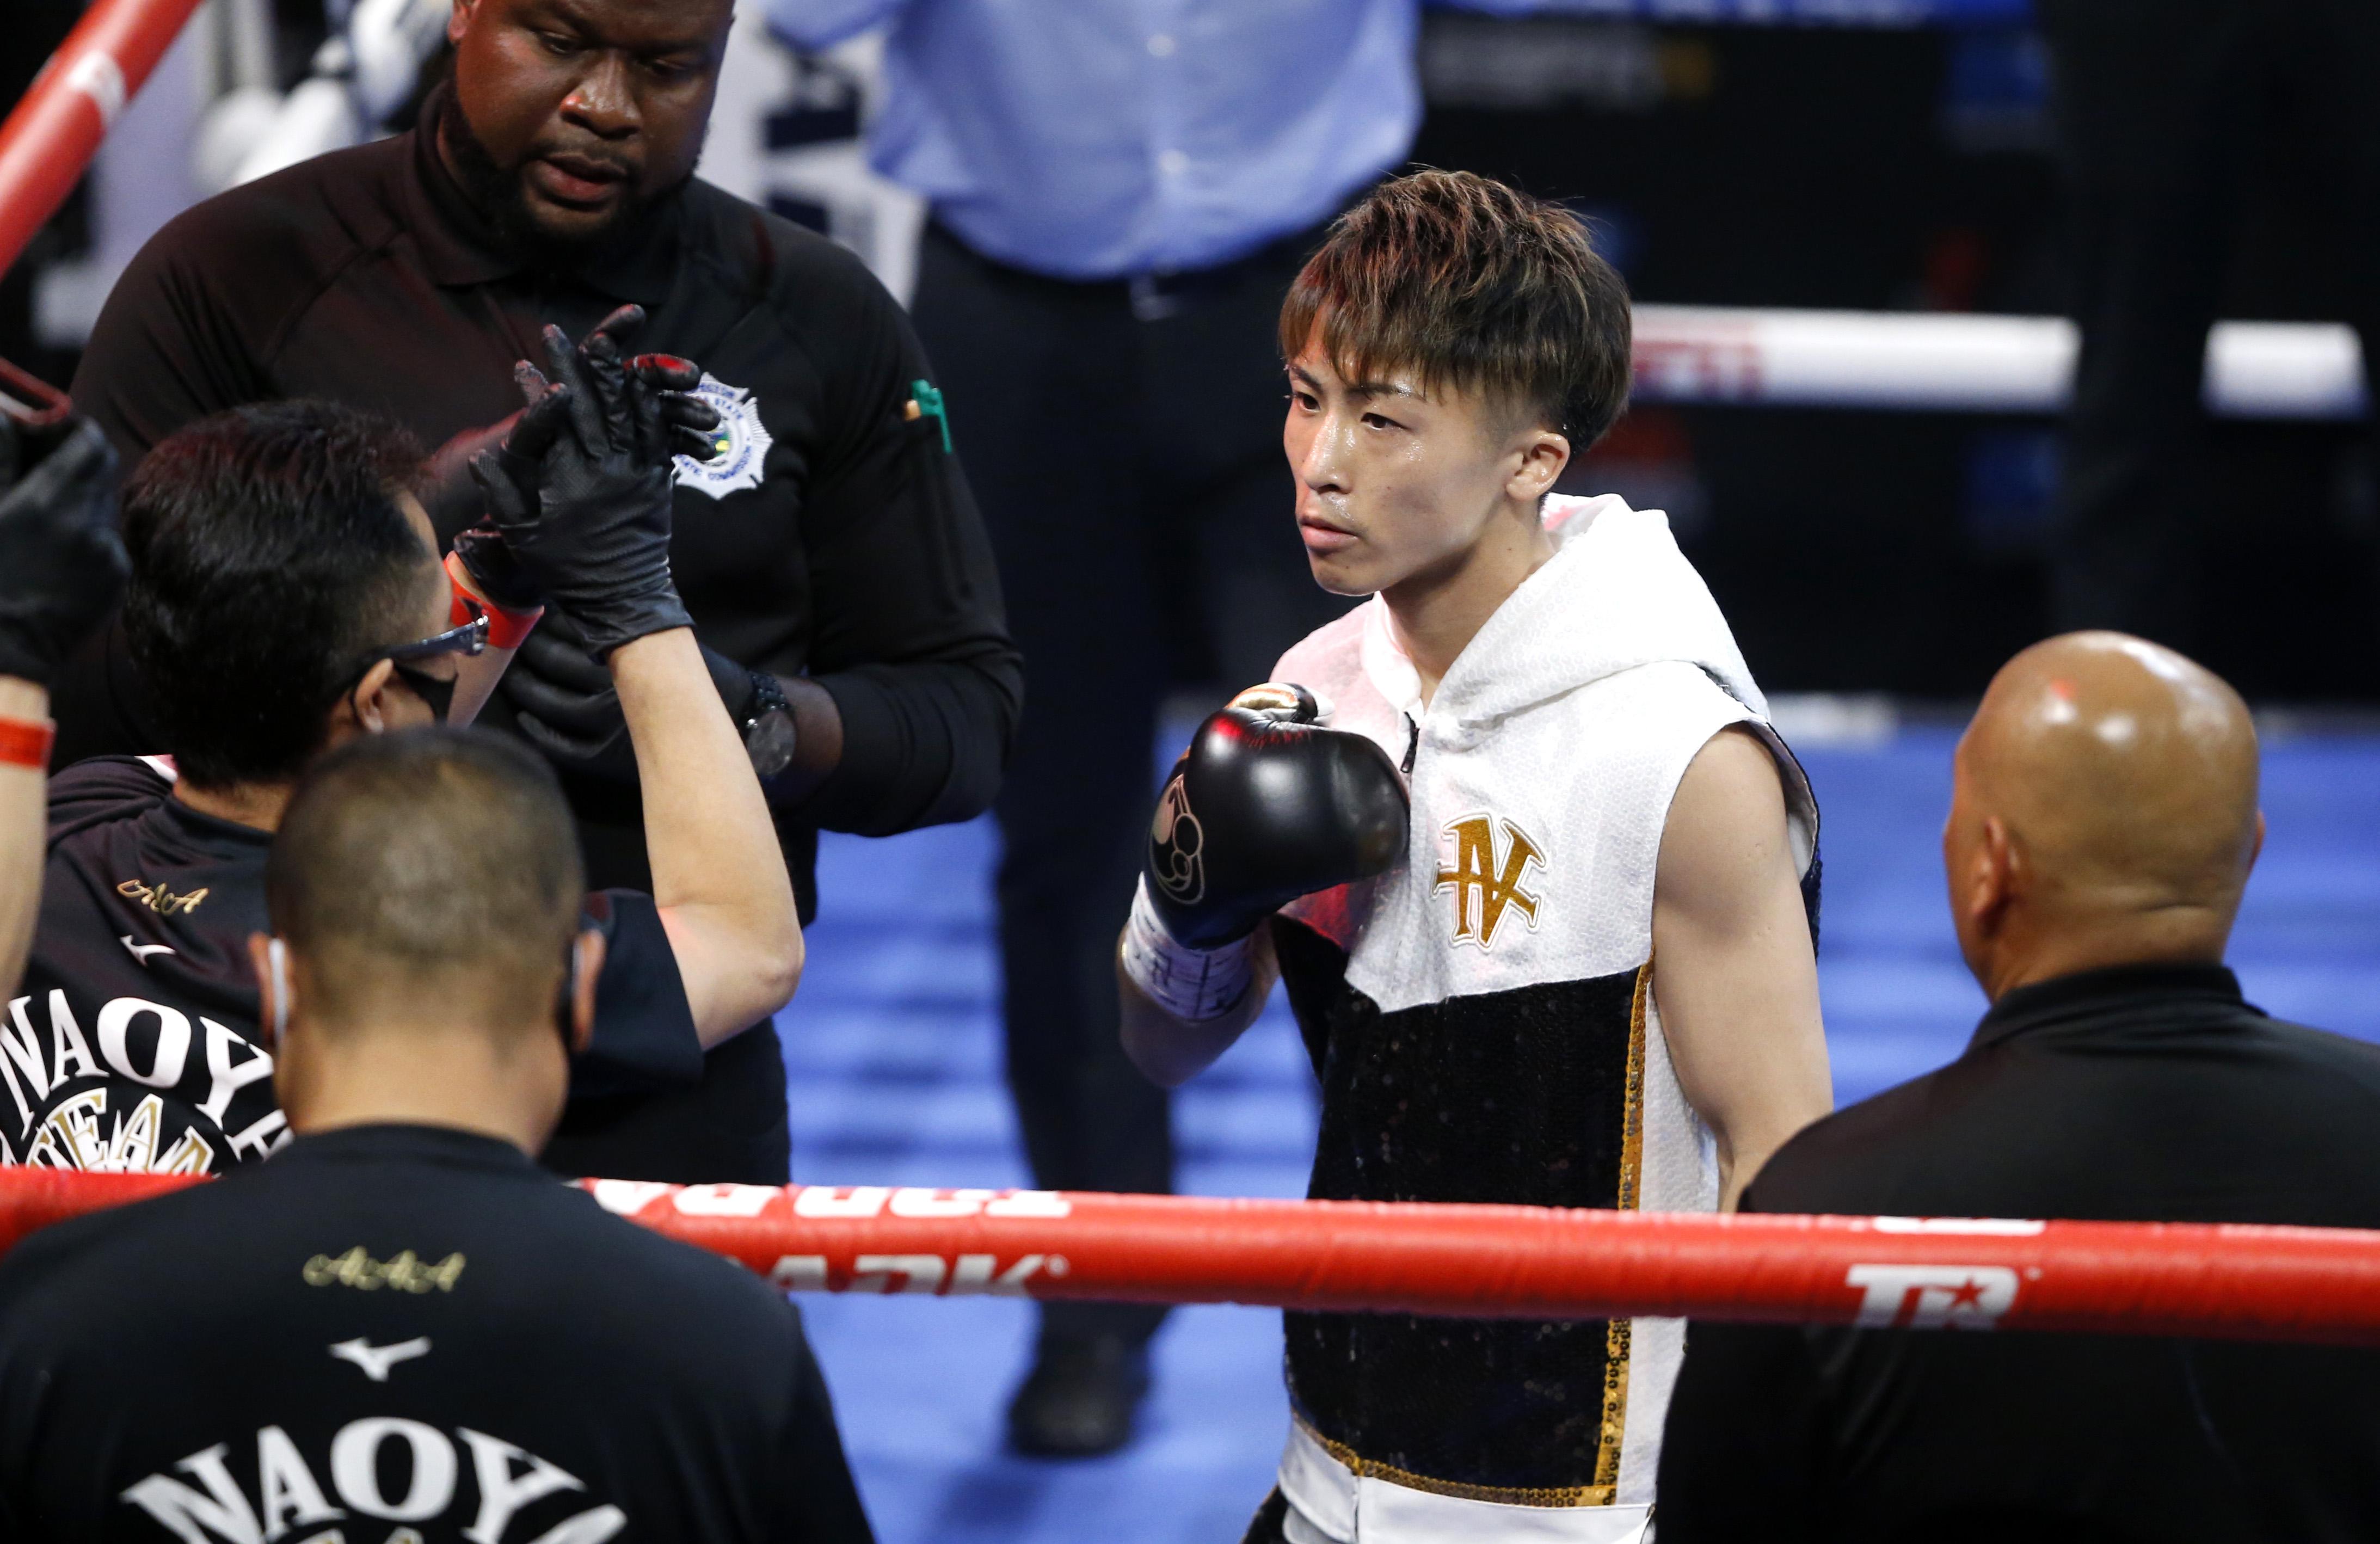 Naoya Inoue v Michael Dasmarinas